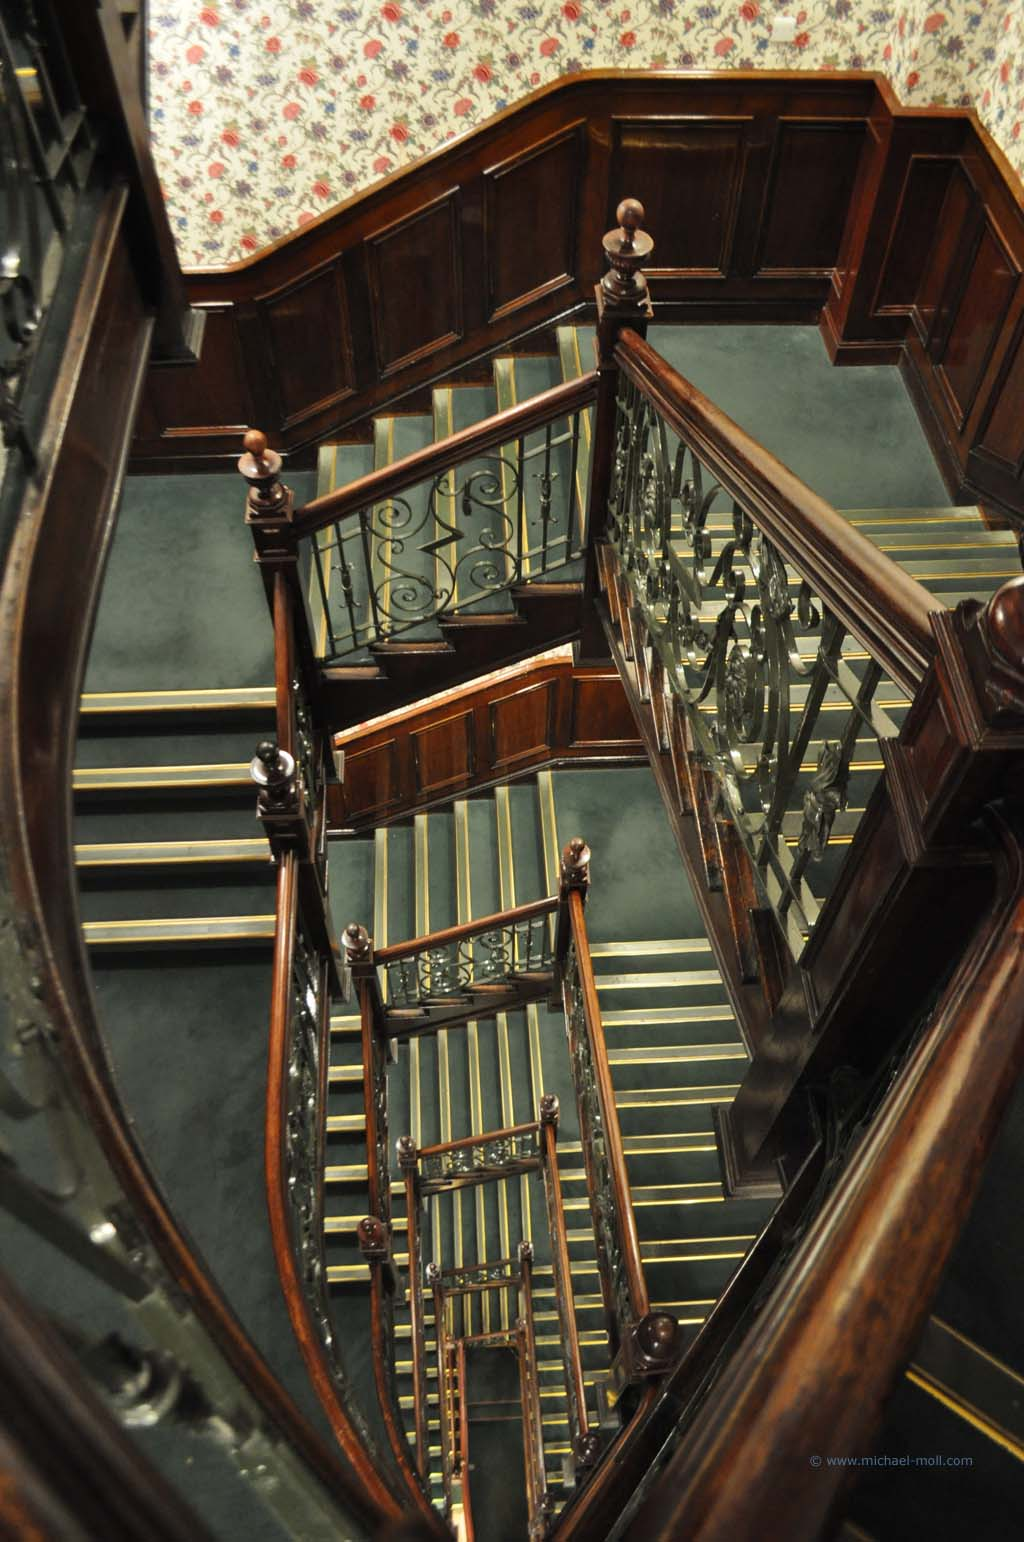 Treppenhaus von Harrods